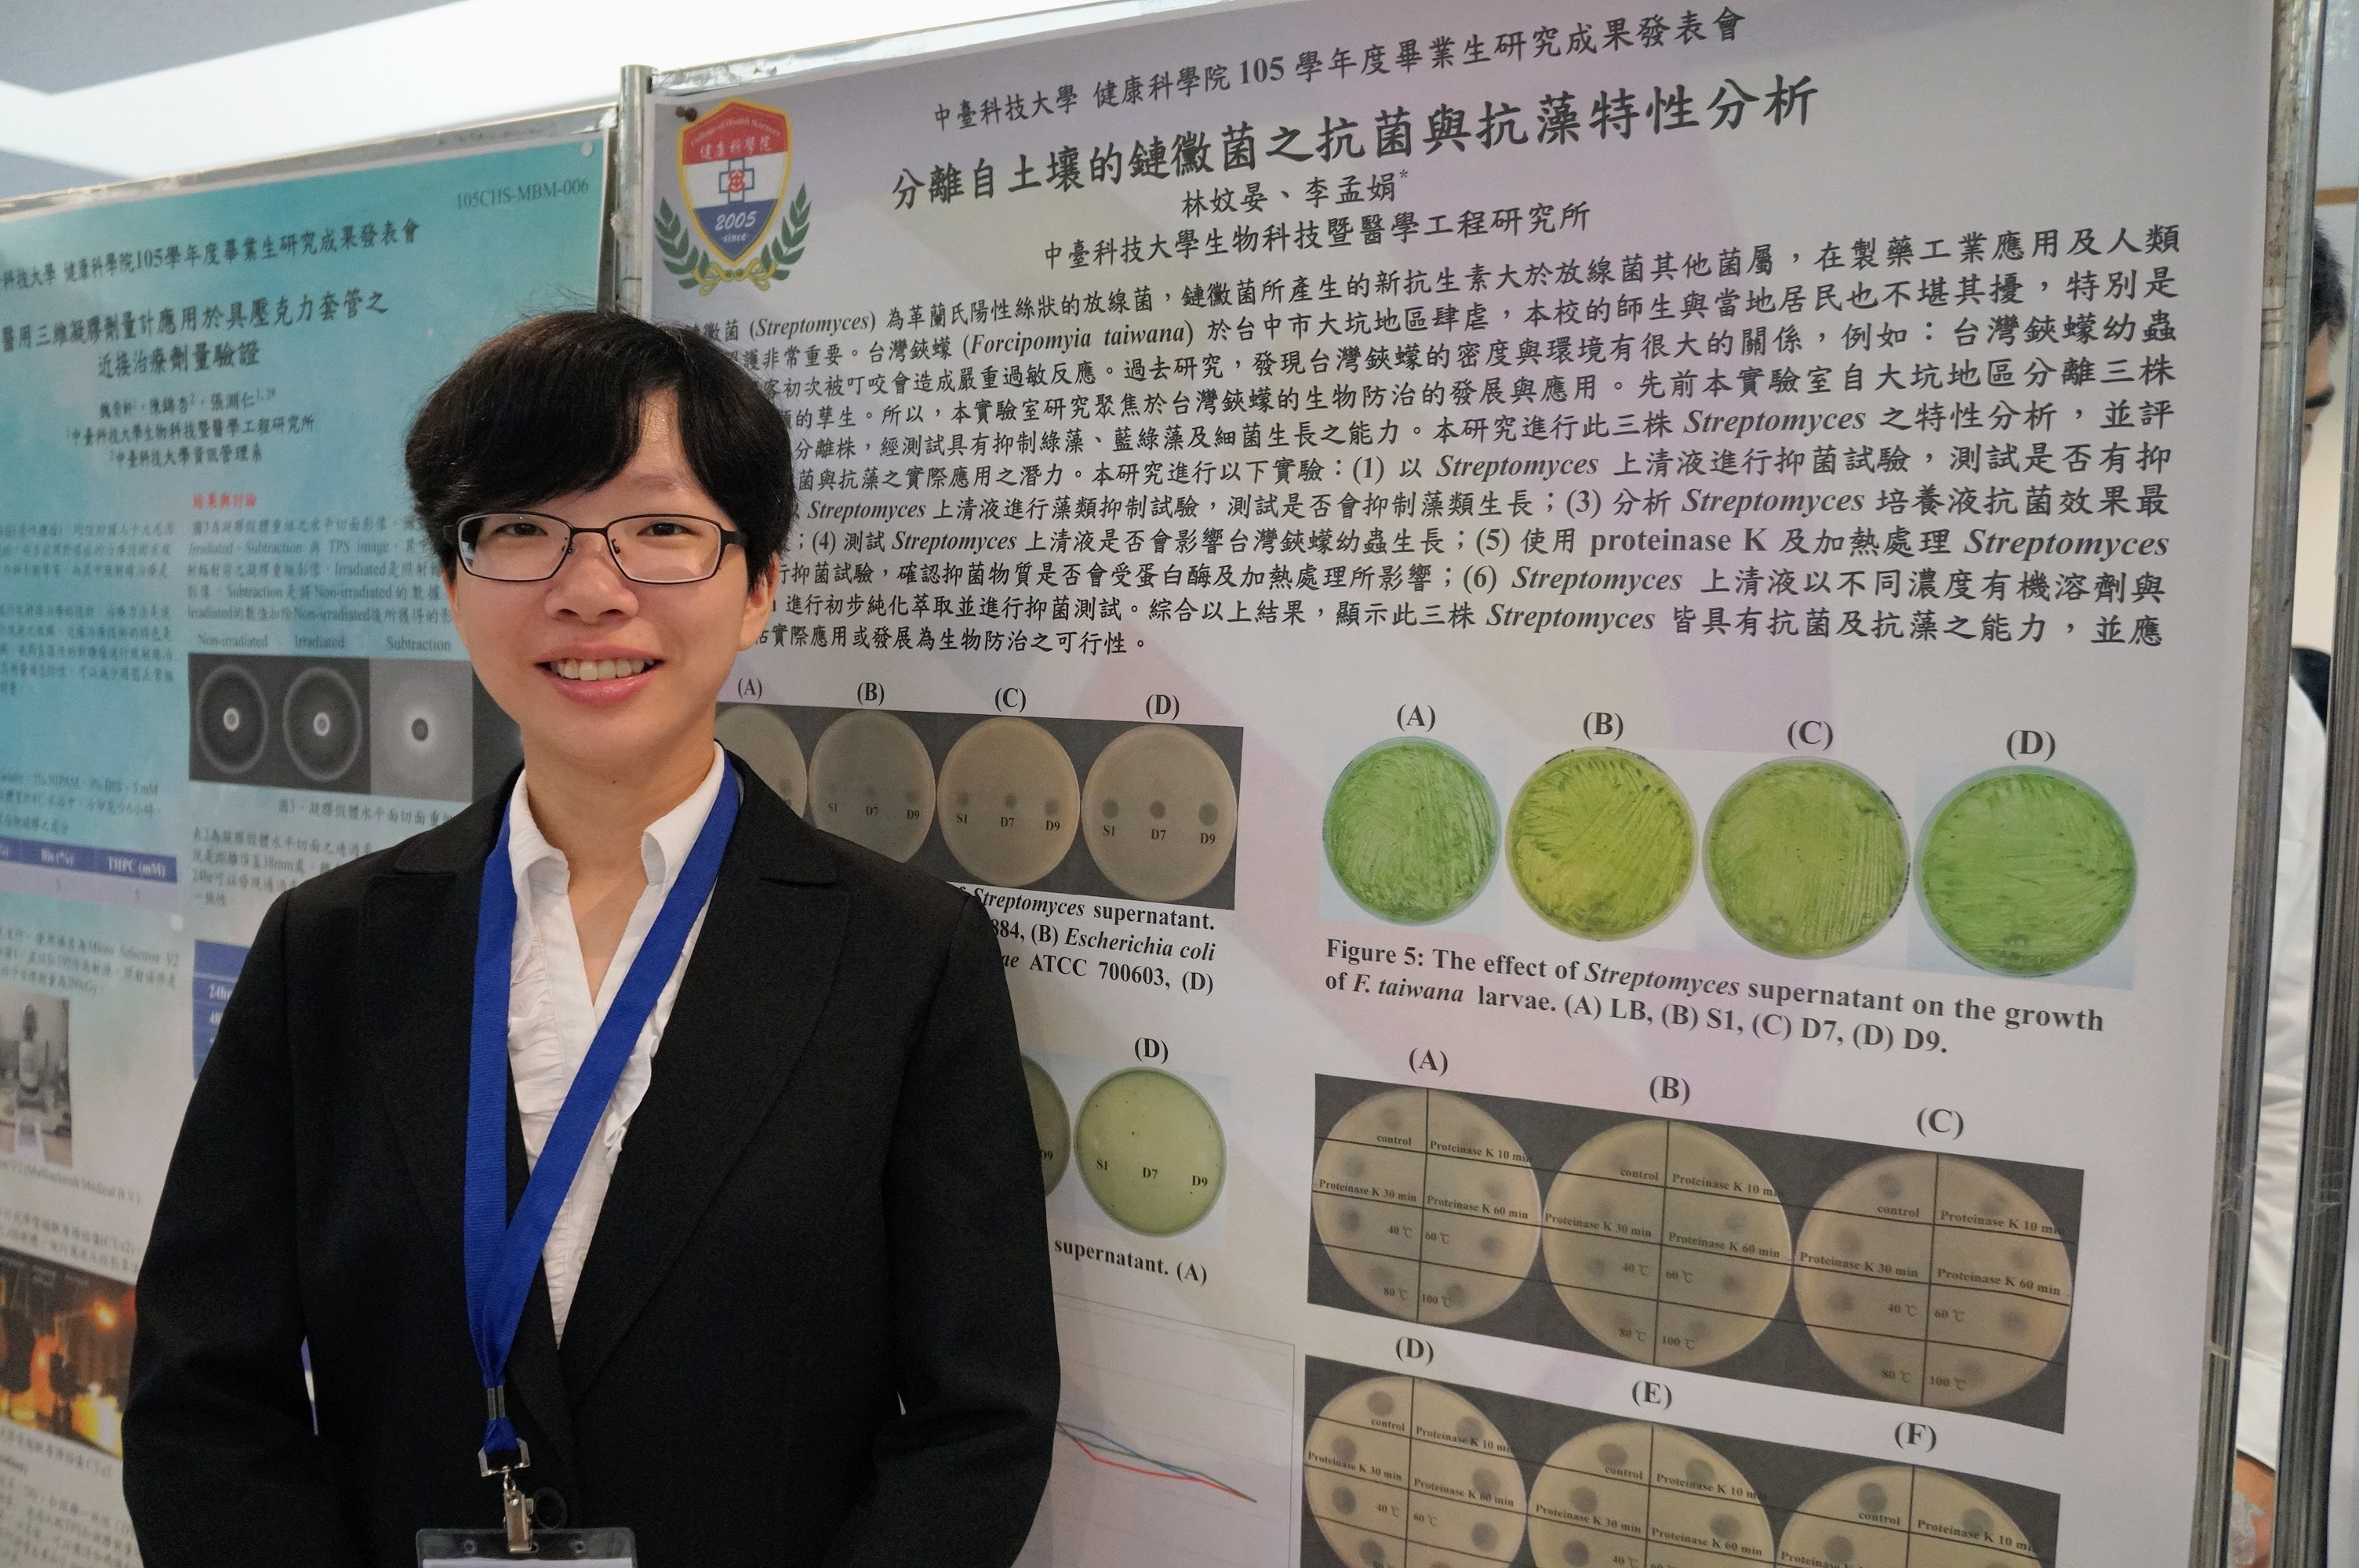 本所研究生林妏晏合影於第九屆畢業生成果發表會(106.6.2)